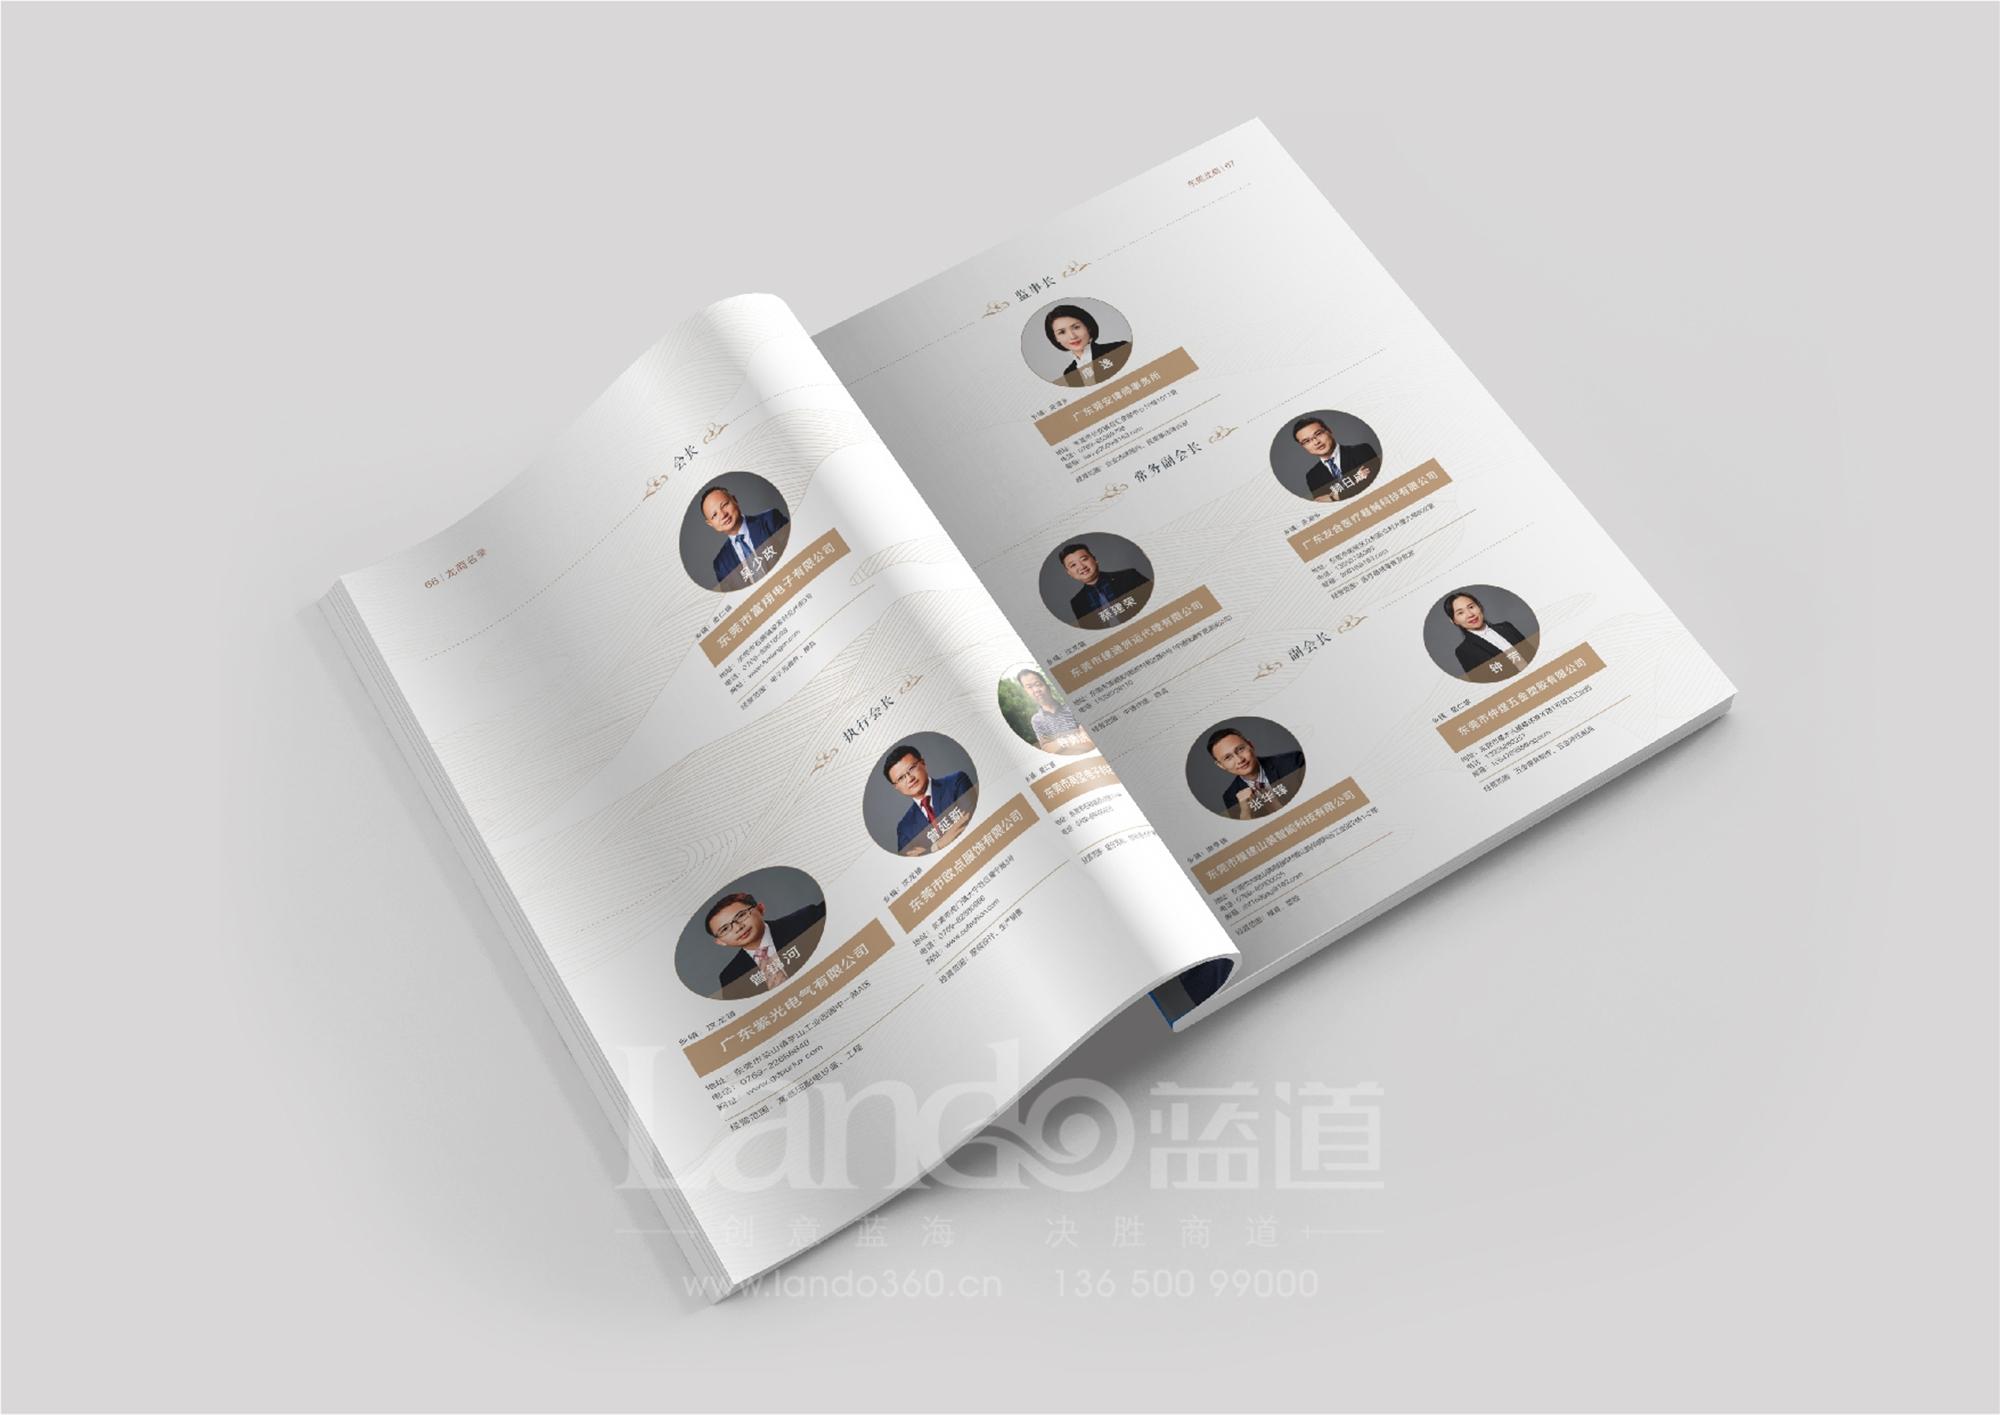 网站书籍更新图-10---